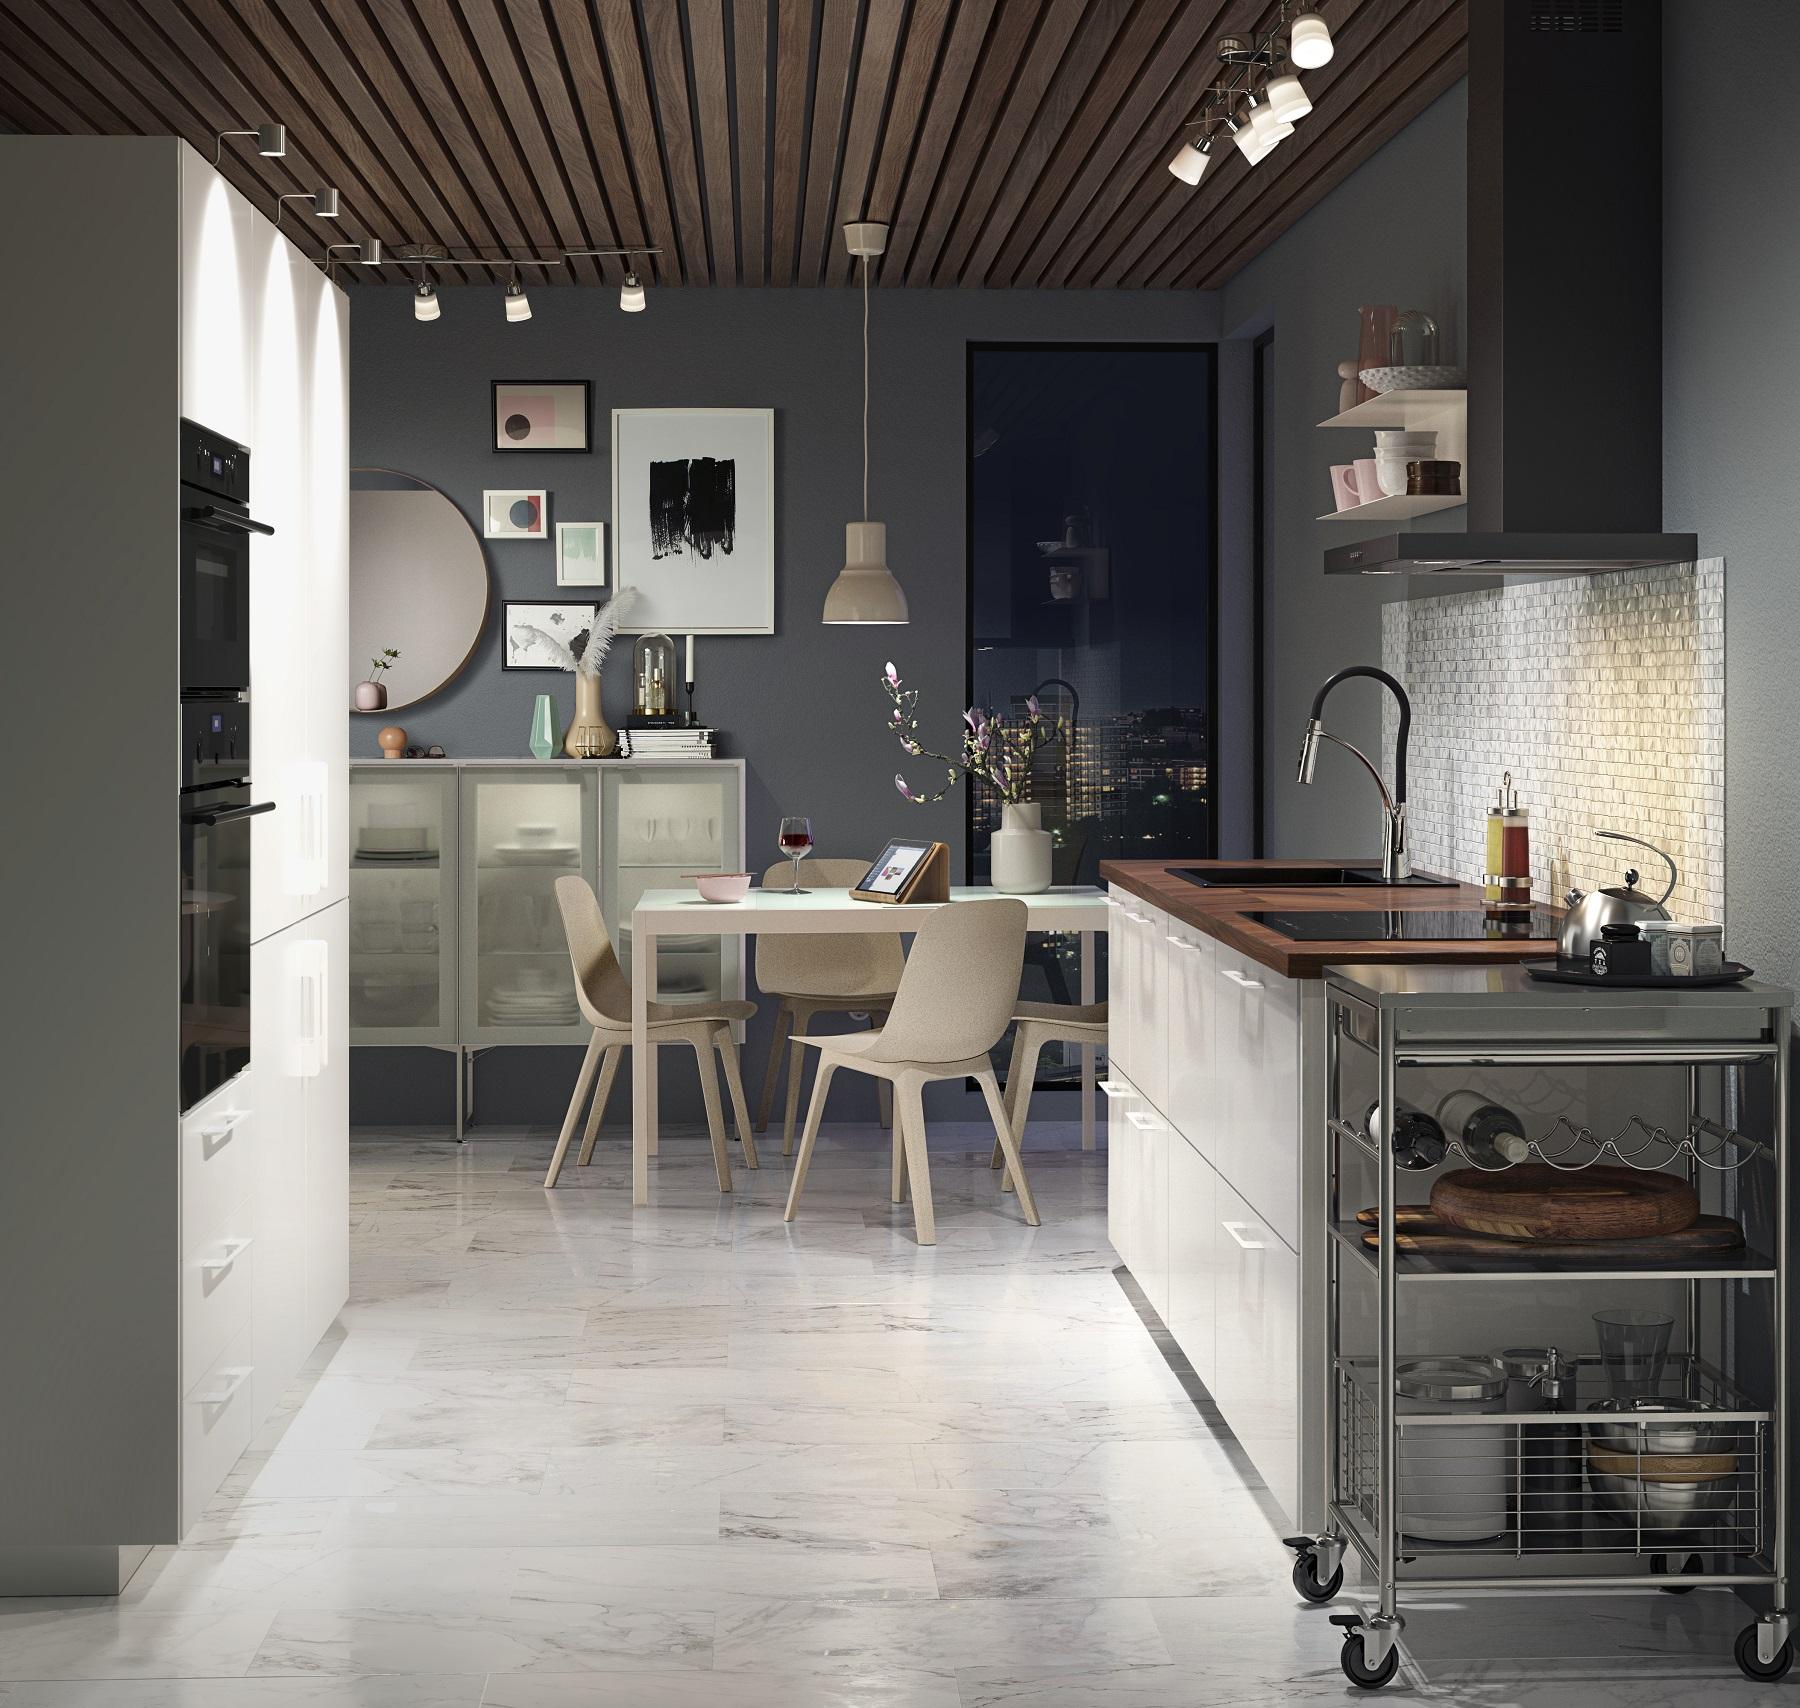 Prosty Przepis Na Kuchnię Z Ikea